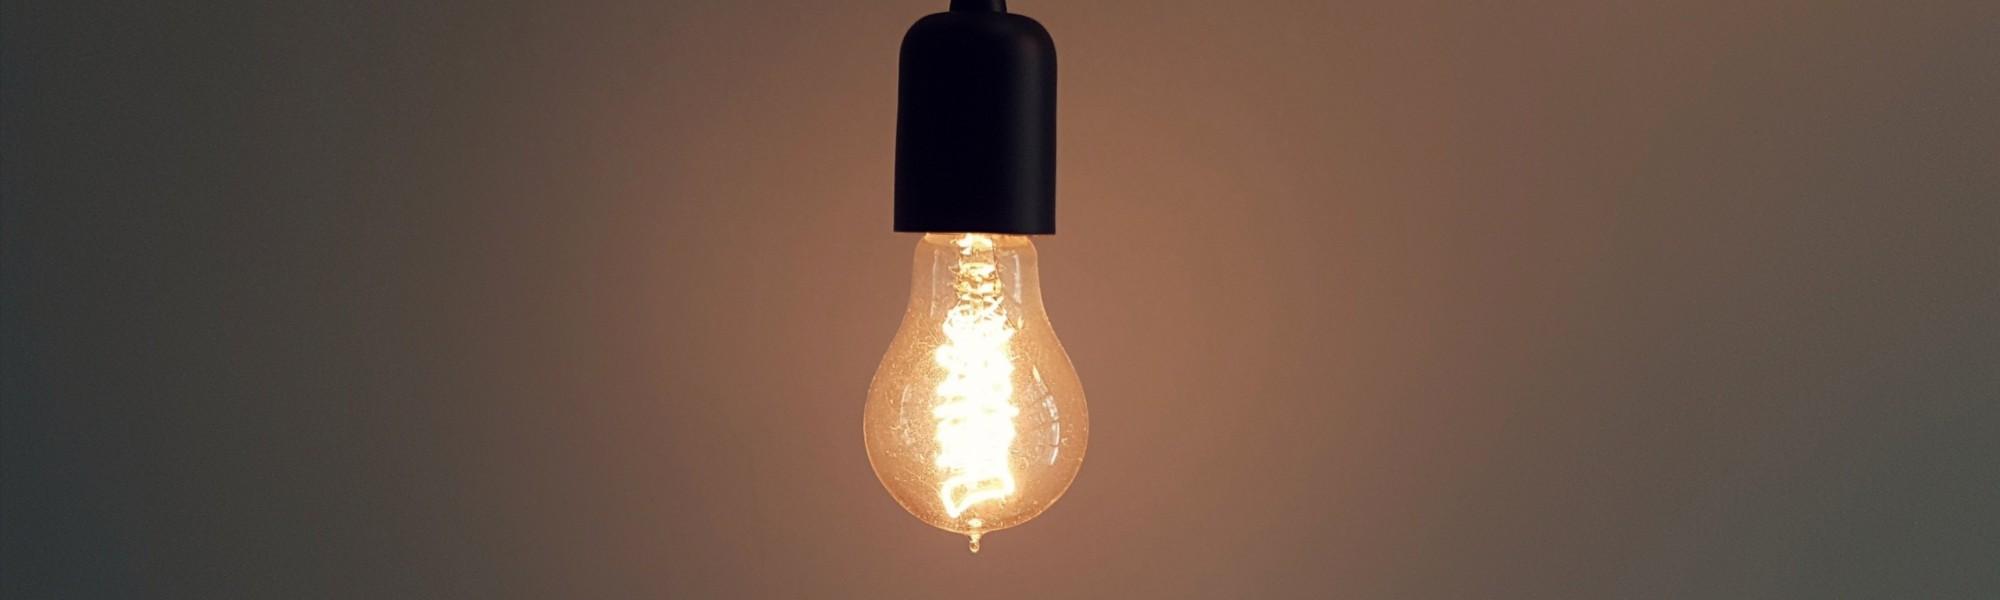 Kuvassa lamppu jossa valo päällä